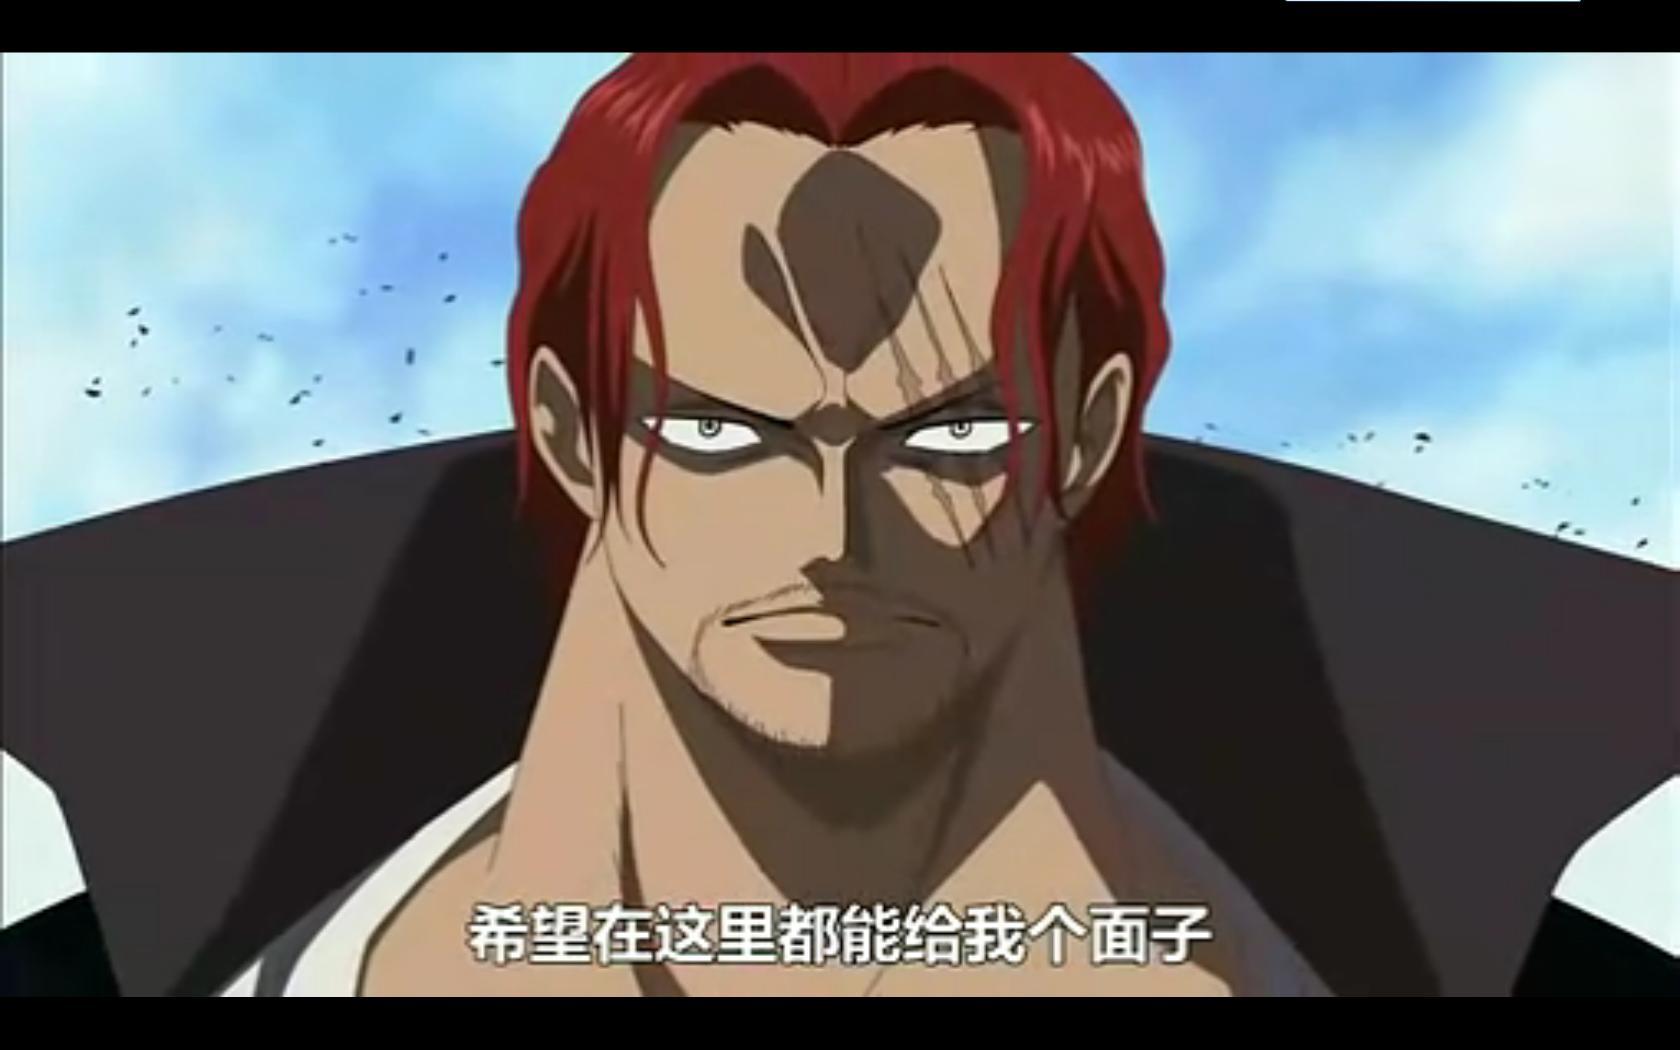 海贼王,红发香克斯的面子很大?至少这三个人一点也没给他面子